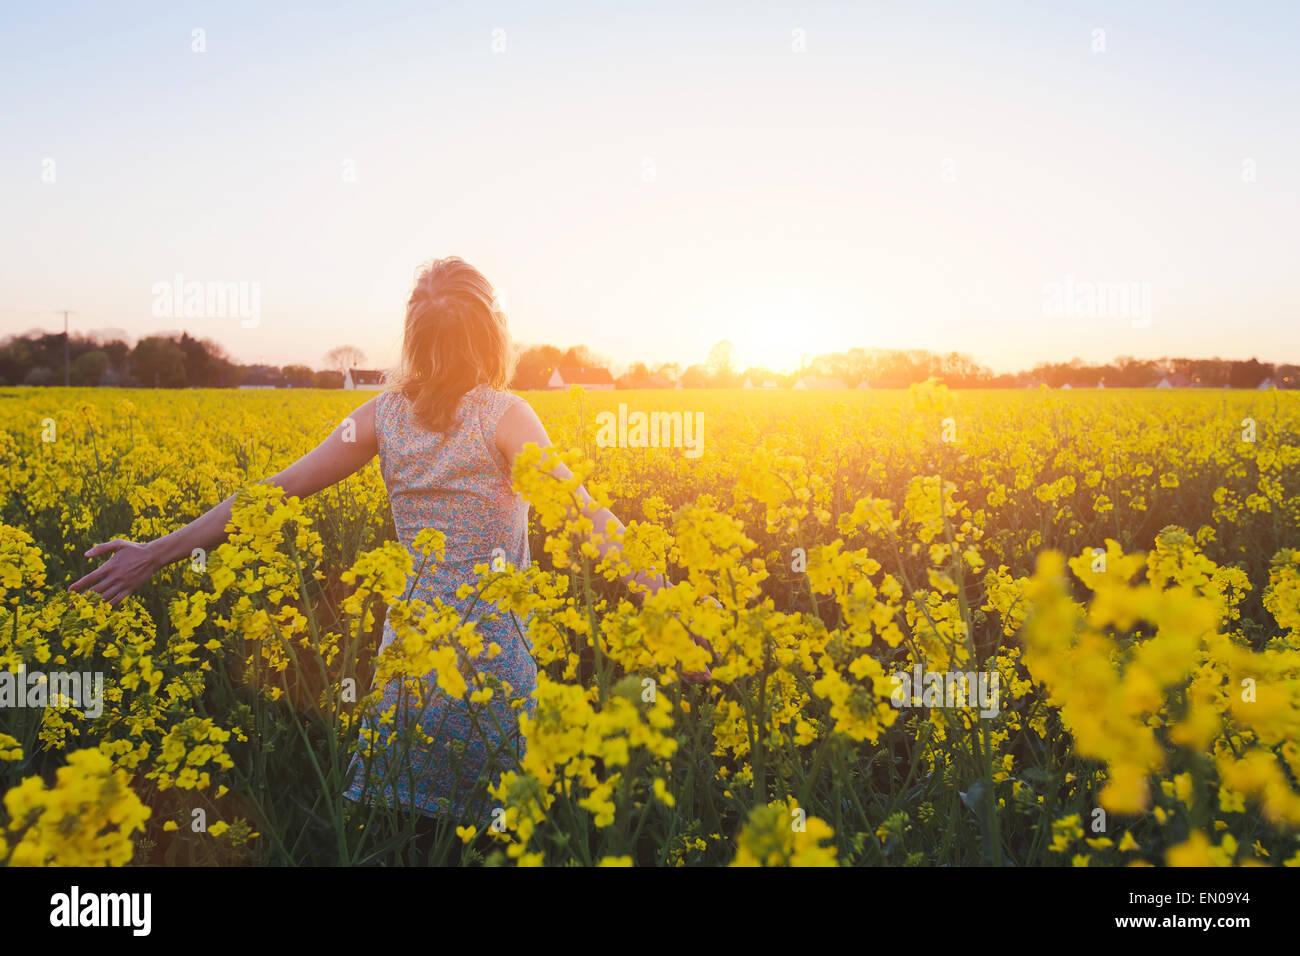 Felice giovane donna godendo di estate in campo giallo al tramonto Immagini Stock